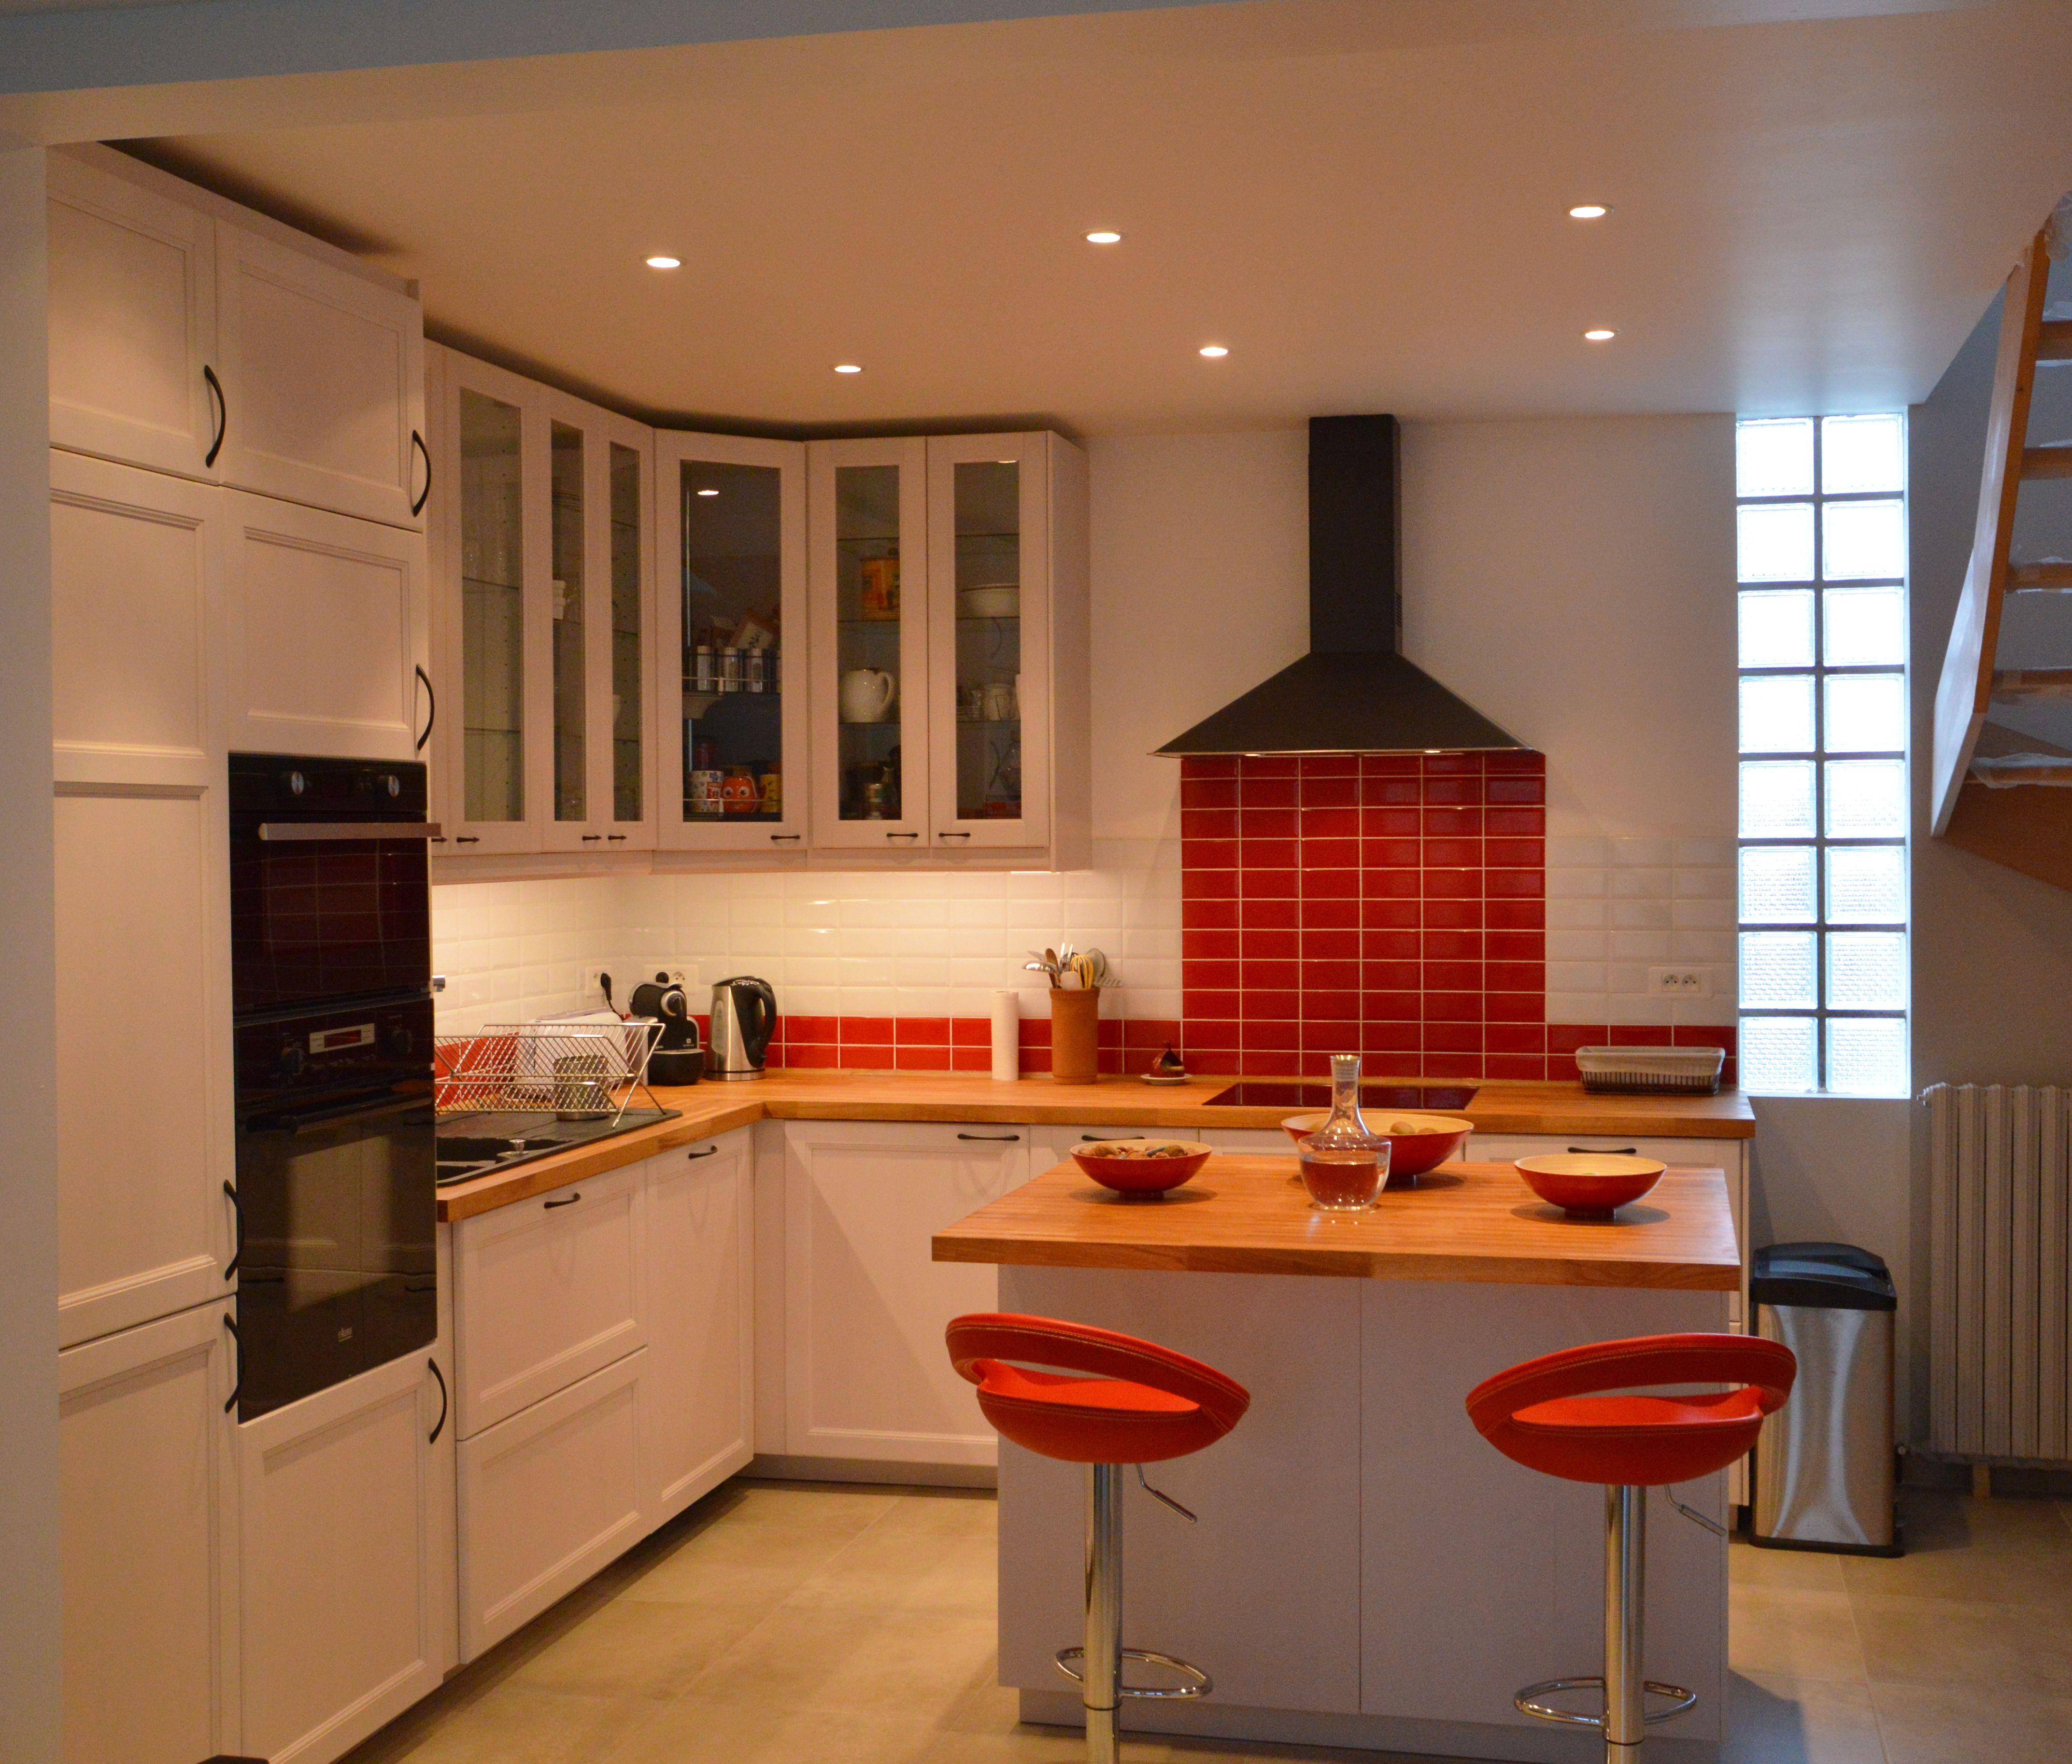 cuisine retro et moderne carrelage metro rouge et blanc c parisd interieur cuisines retro cuisine rouge et blanche cuisine